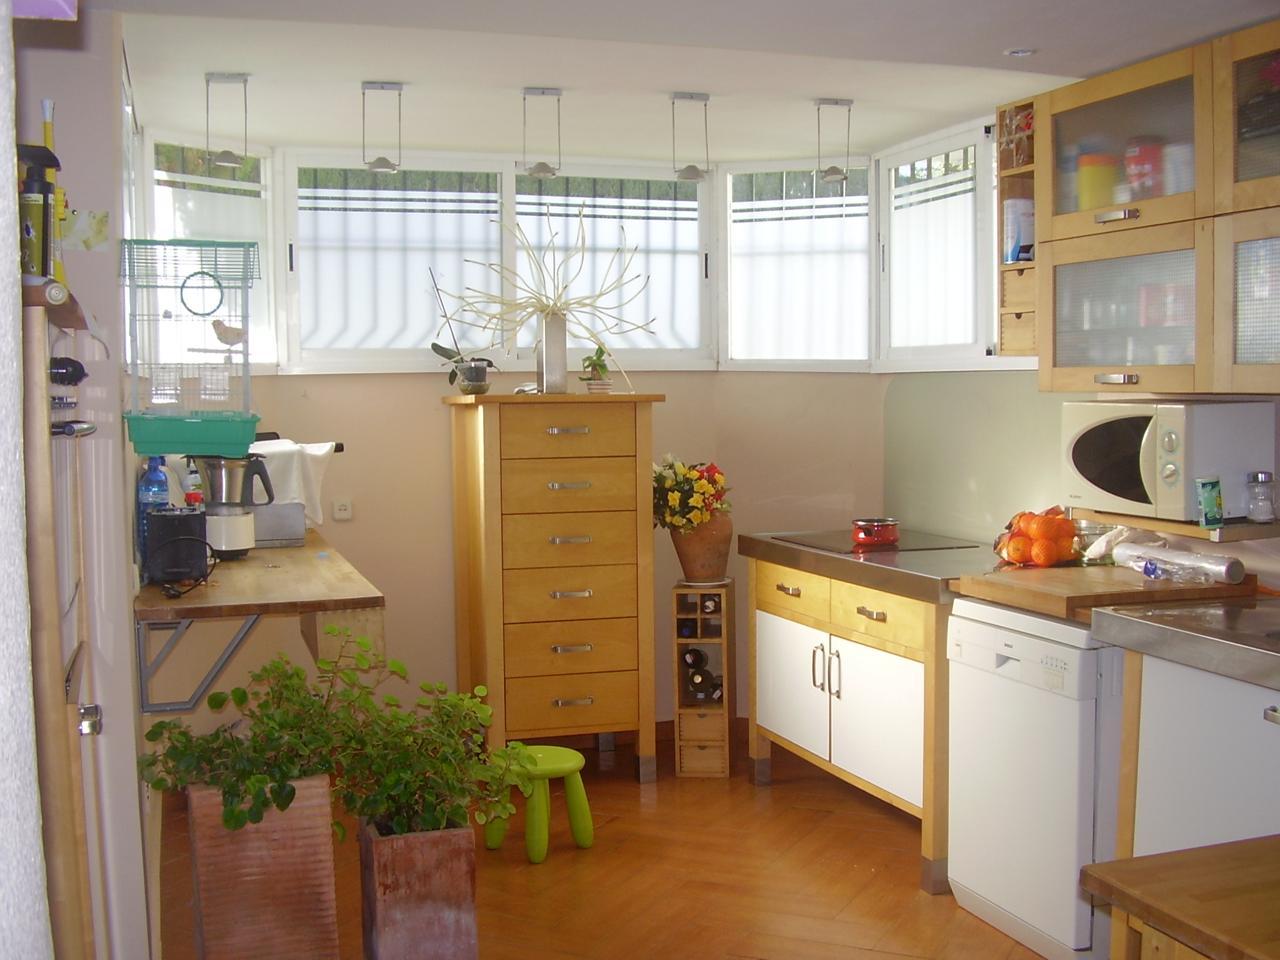 Casas y pisos casa chalet en venta en estepona de 200 m2 - Apartamentos en venta en estepona ...